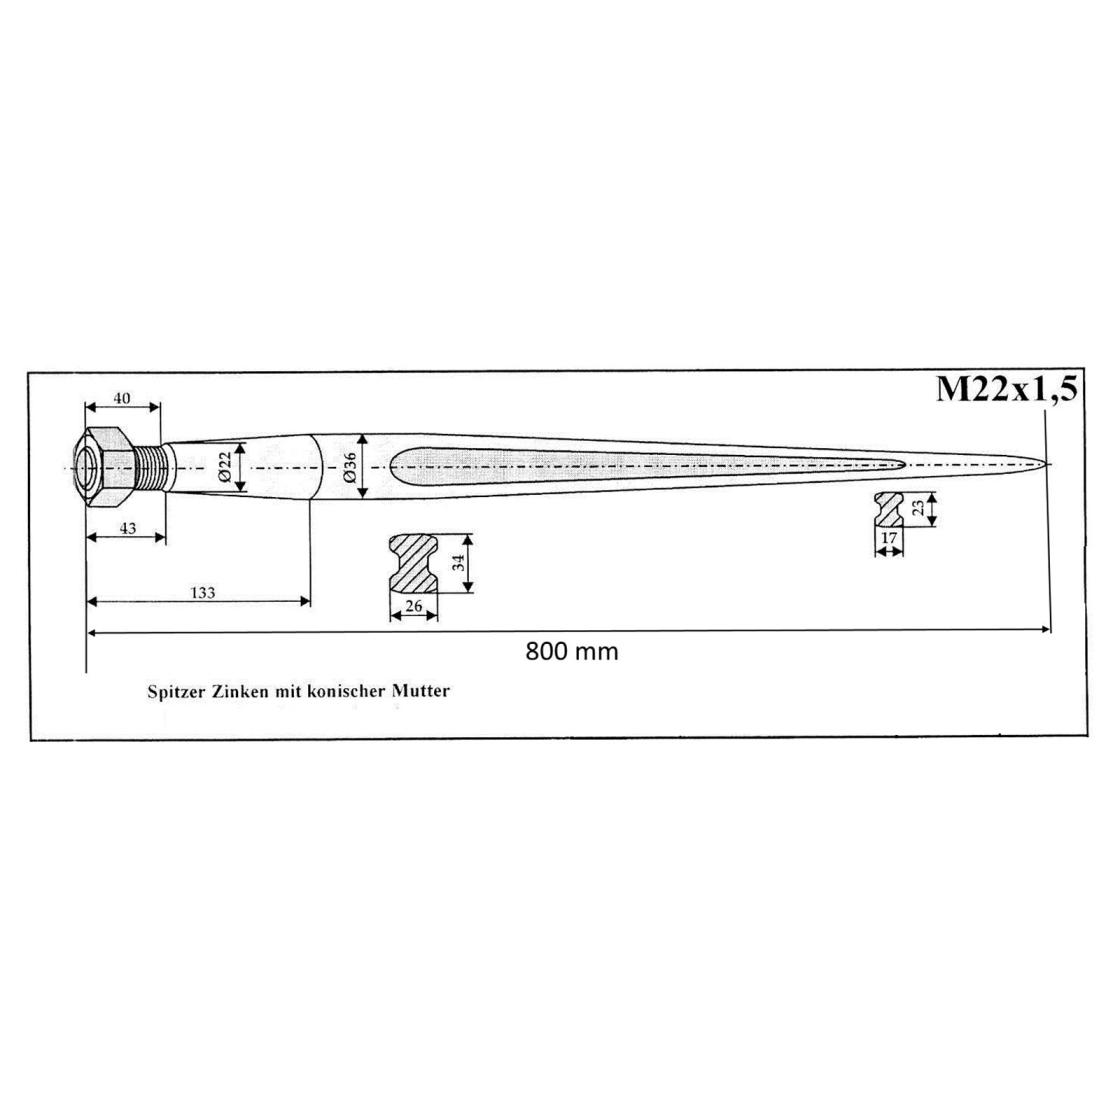 Frontladerzinken - 800mm lang, 14,65 €